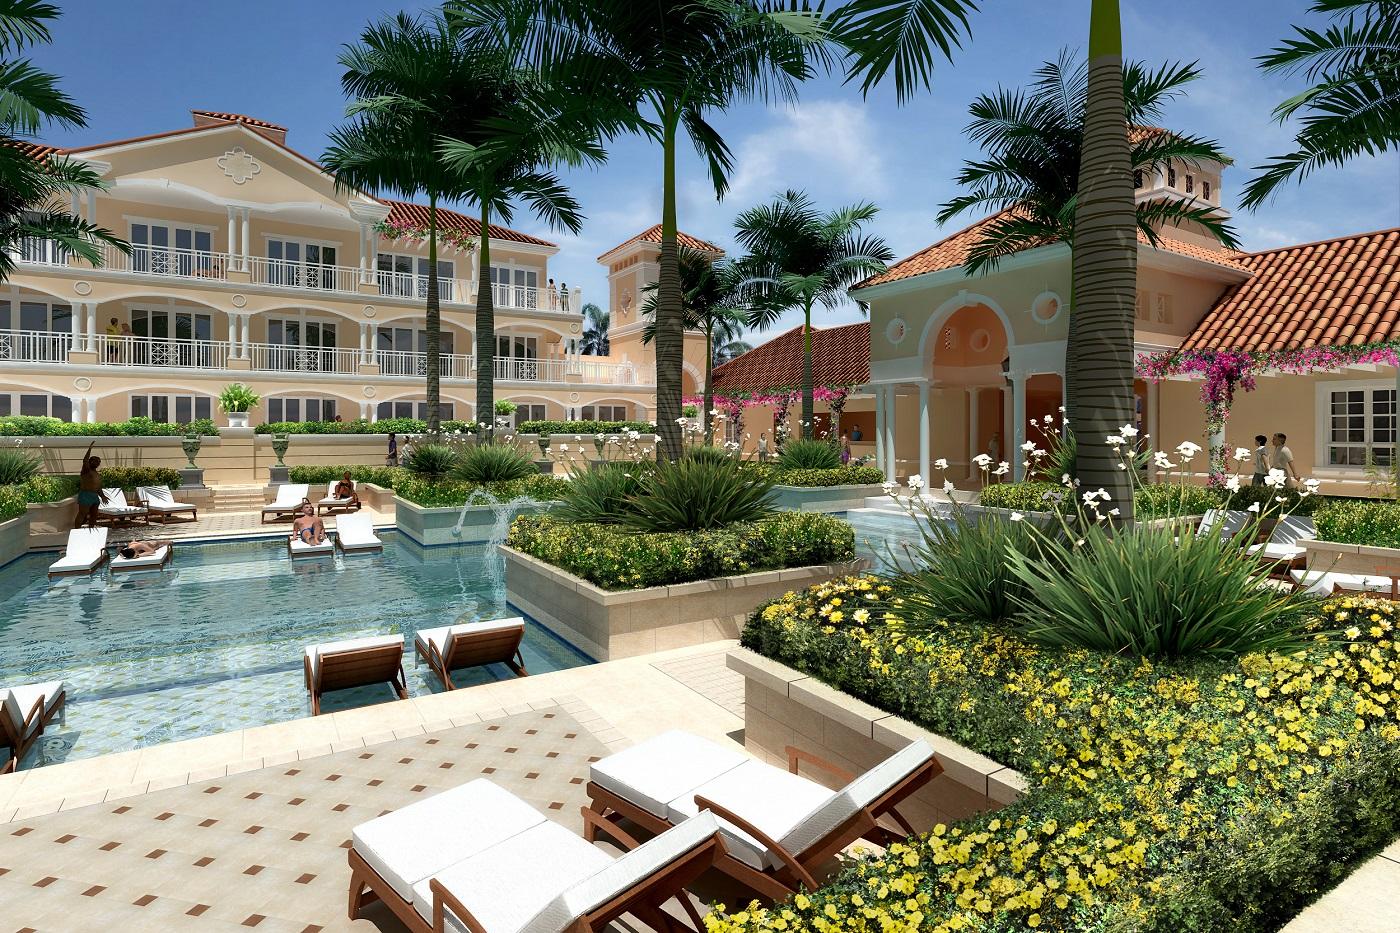 Vellagio Turks and Caicos